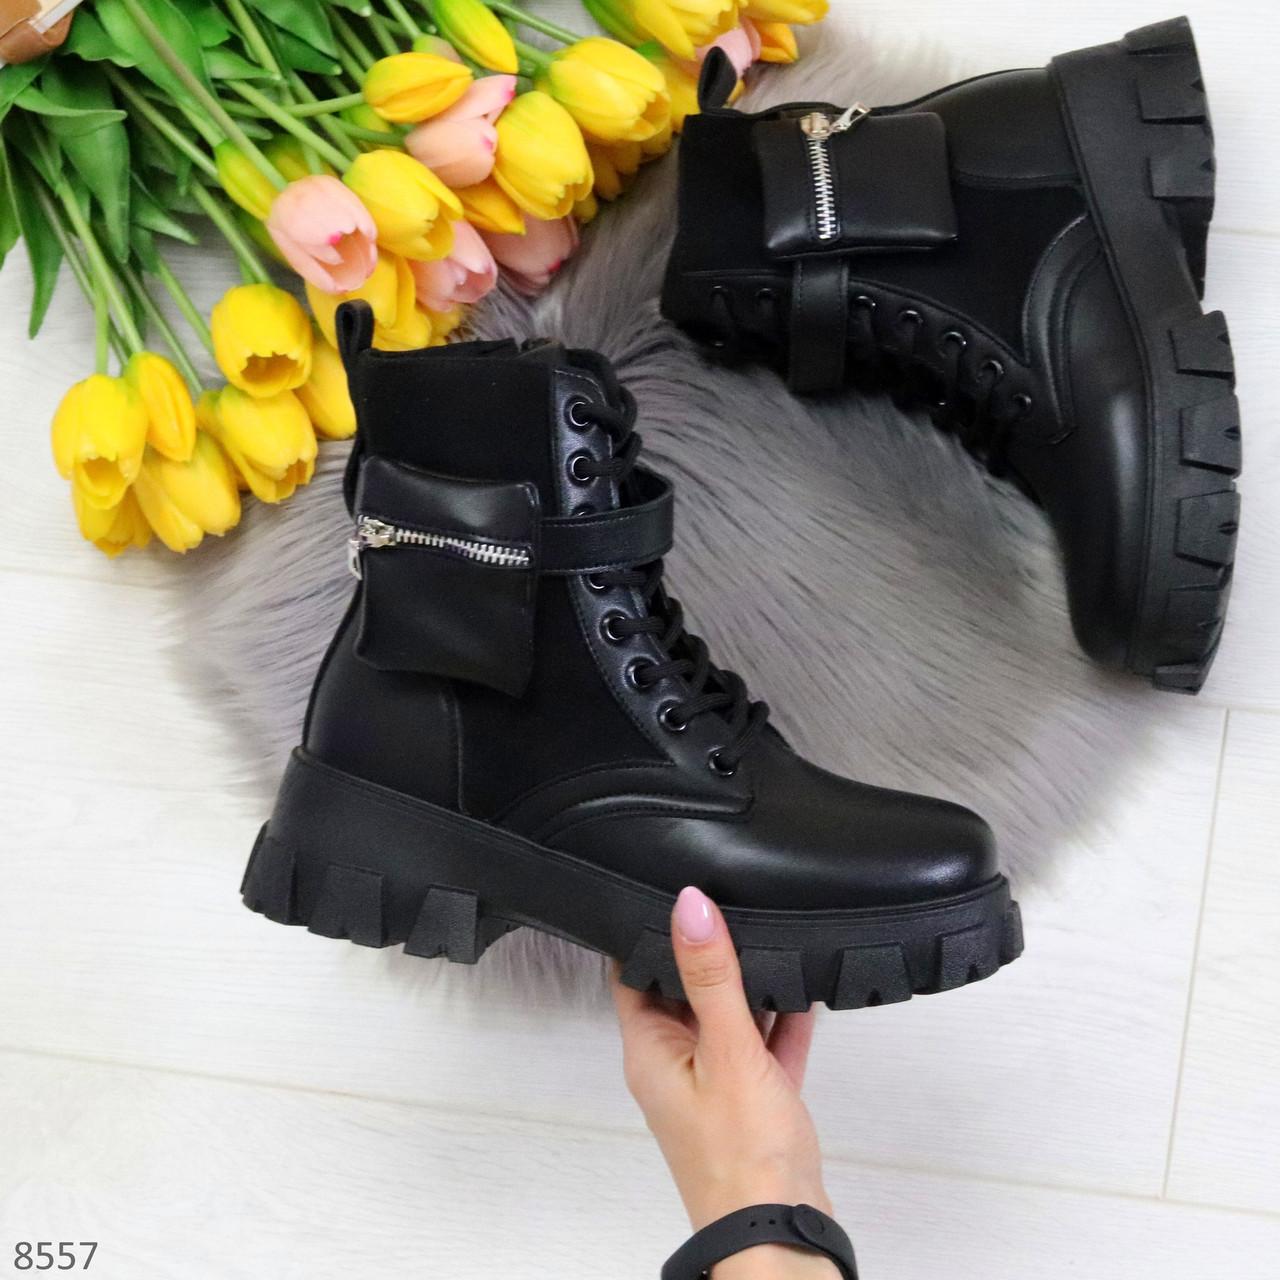 Трендовые люксовые женские черные ботинки с сумочками кошельками кармашками